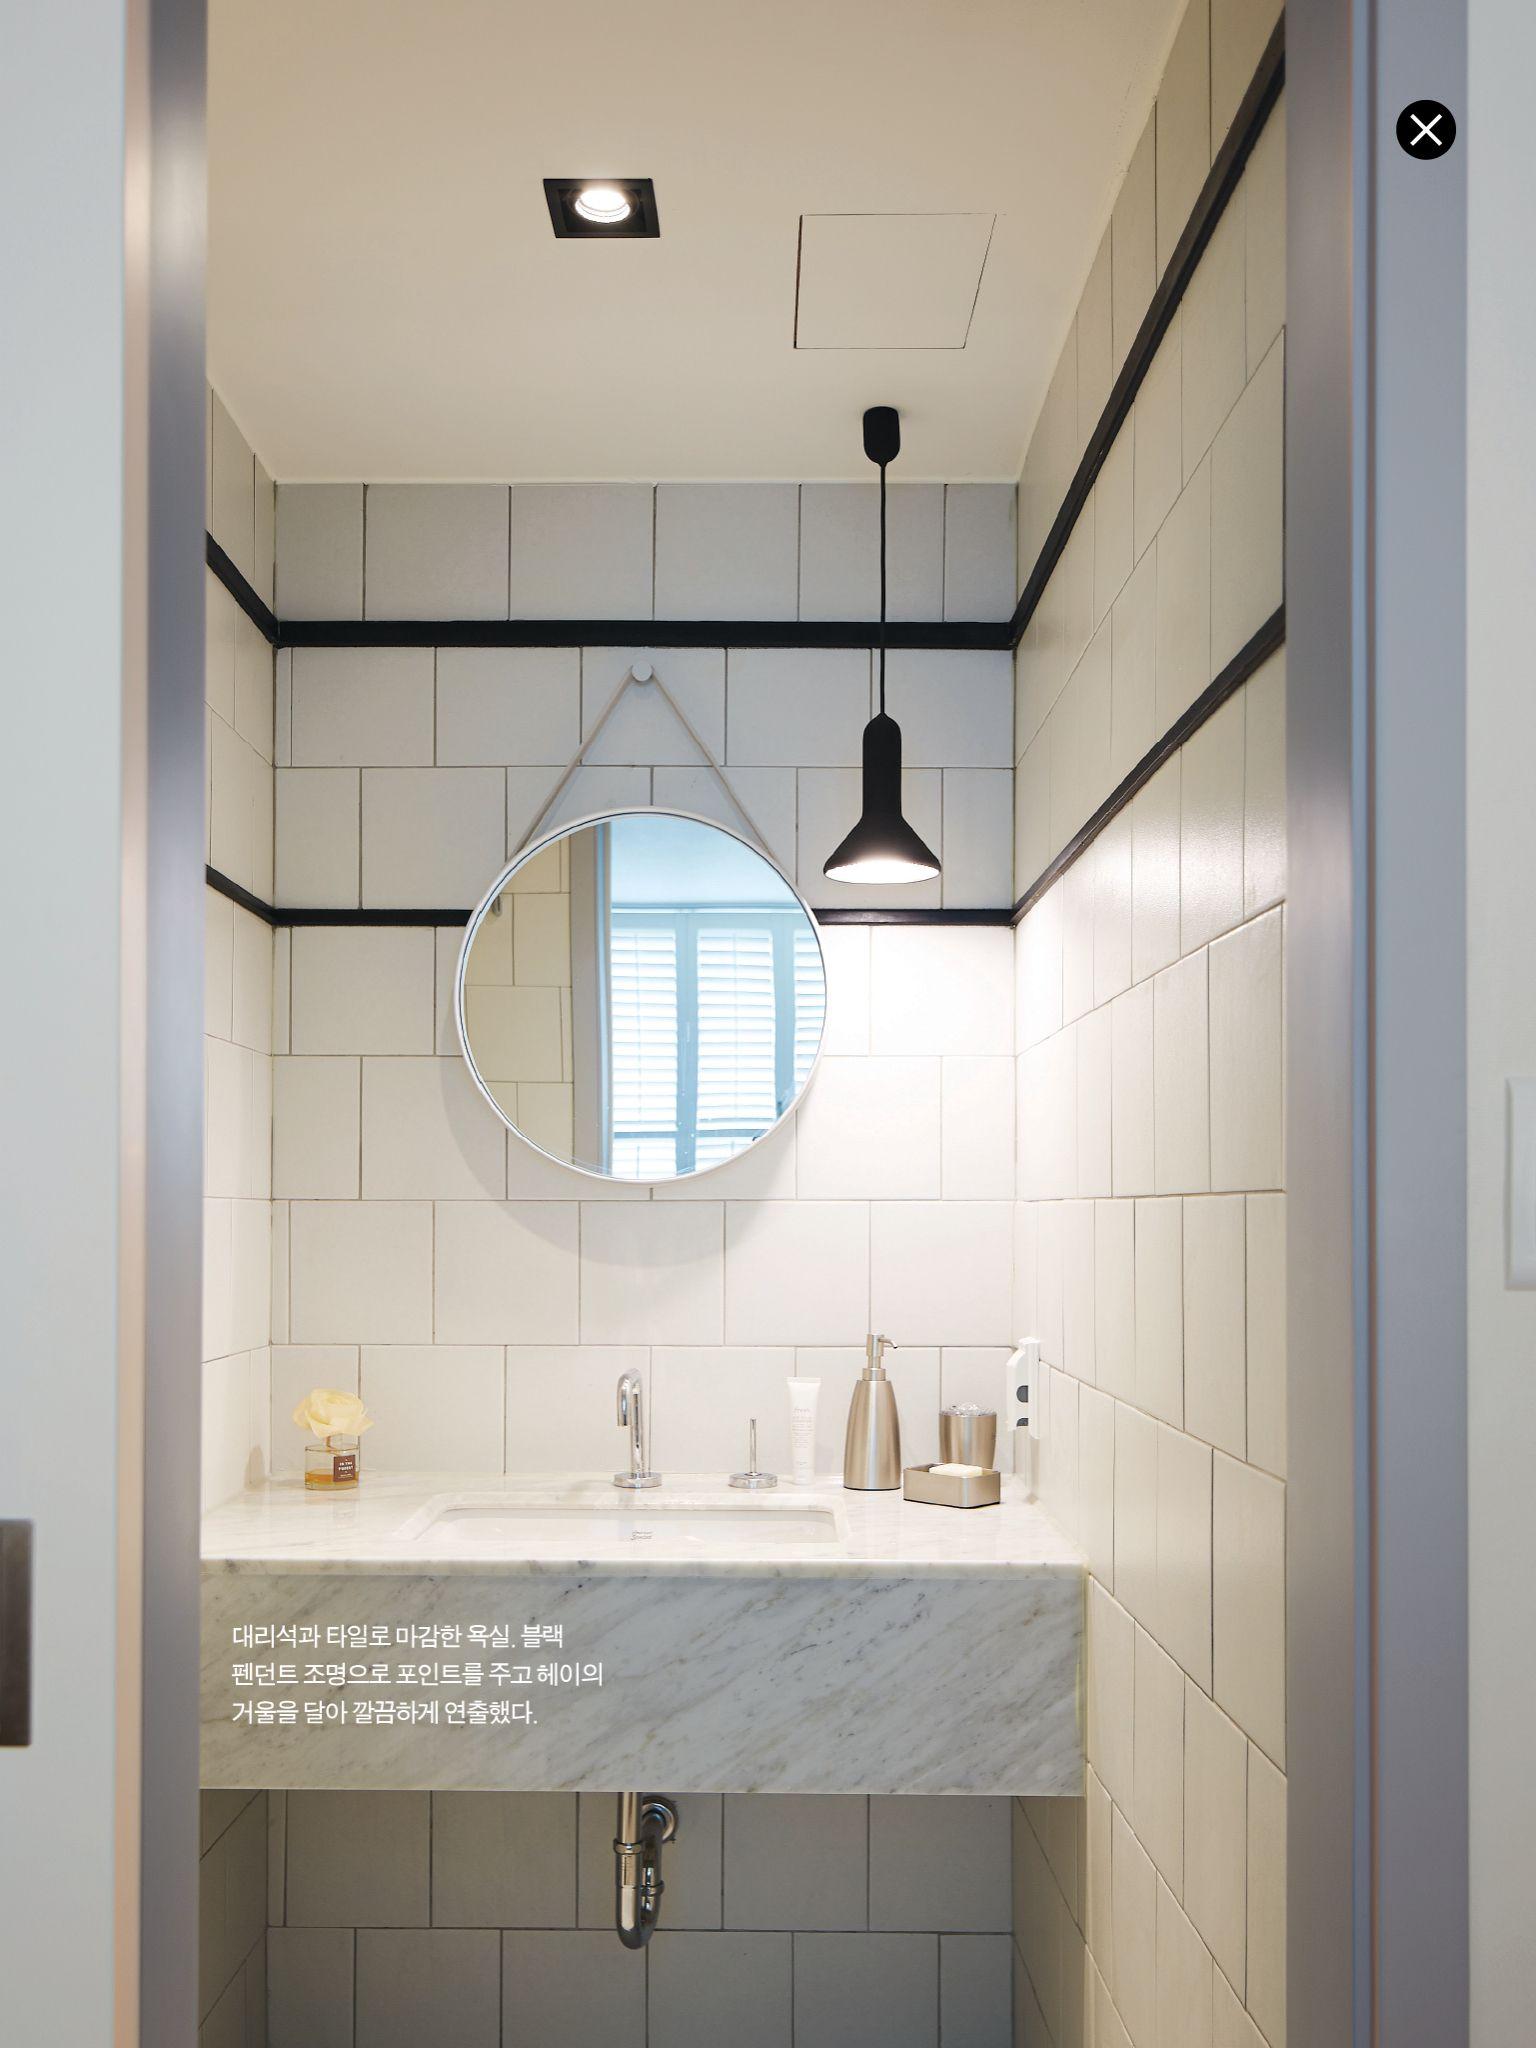 화장실 인테리어  집에 관한 아이디어  Pinterest  욕실, 화장실 ...